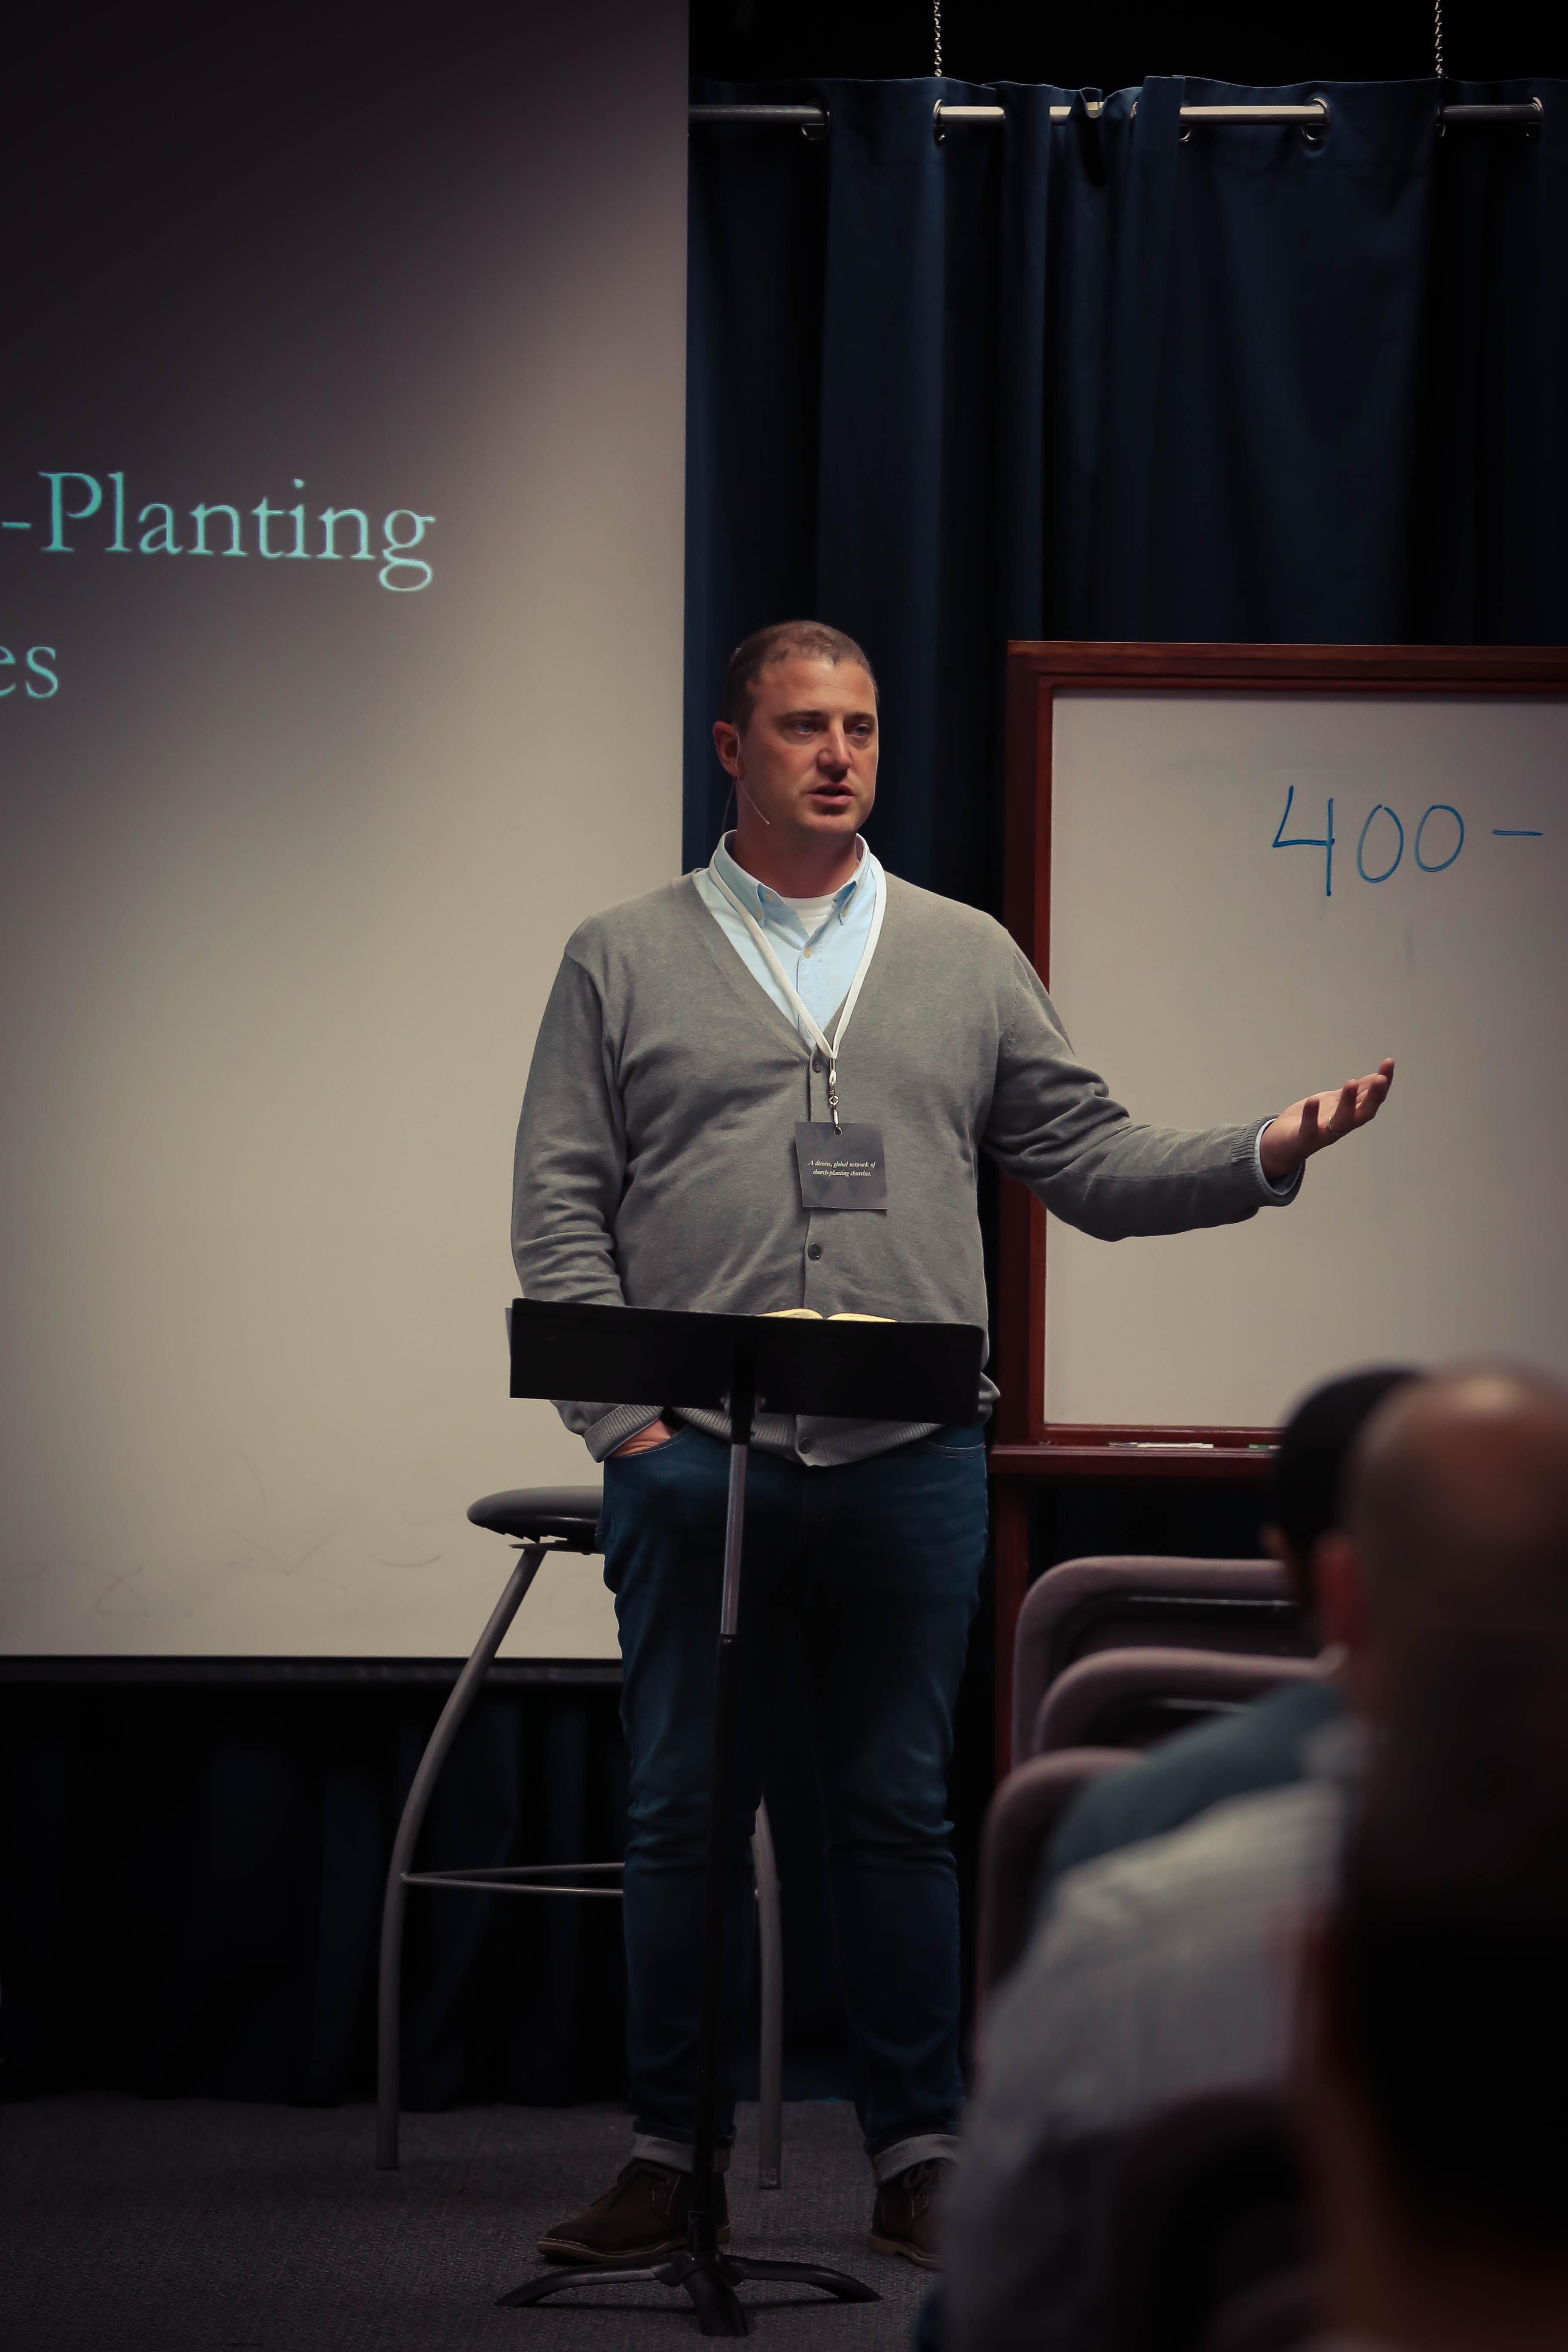 Planting Church Planting Churches #1 | 400 – 800 Track